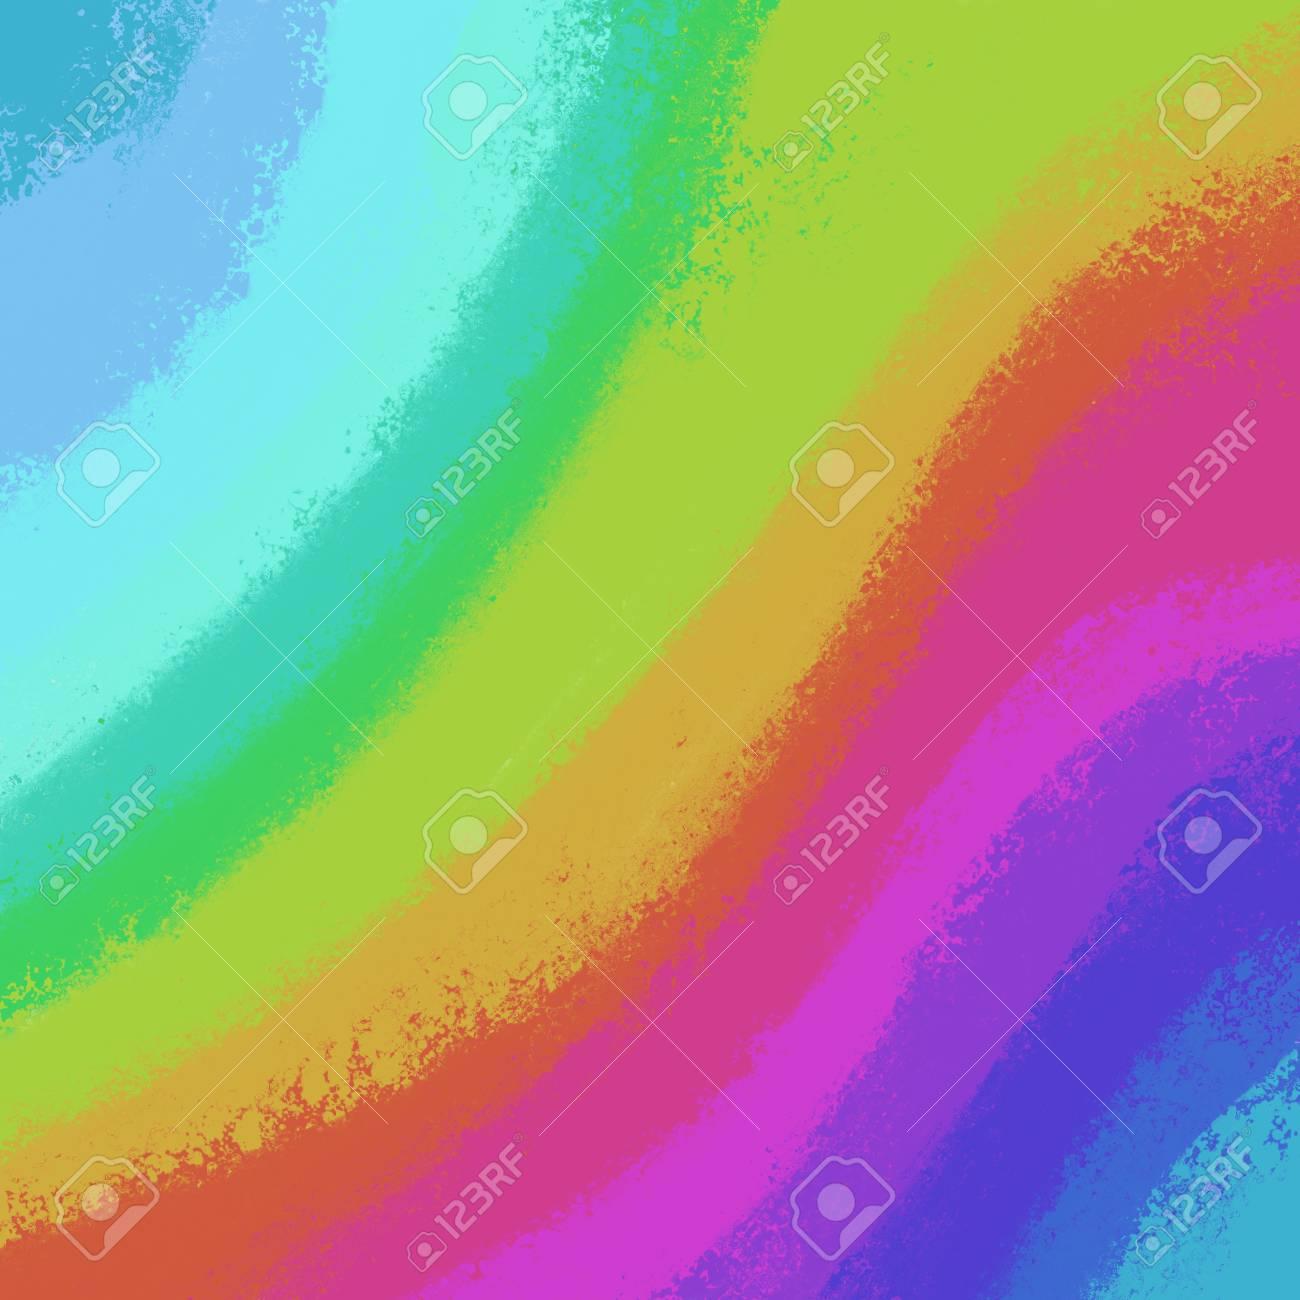 Sfondo Colorato Nelle Tonalità Dellarcobaleno In Azzurro Rosso Viola Verde Rosa Viola Arancione Giallo E Viola Linea Ondulata Modello Di Vernice